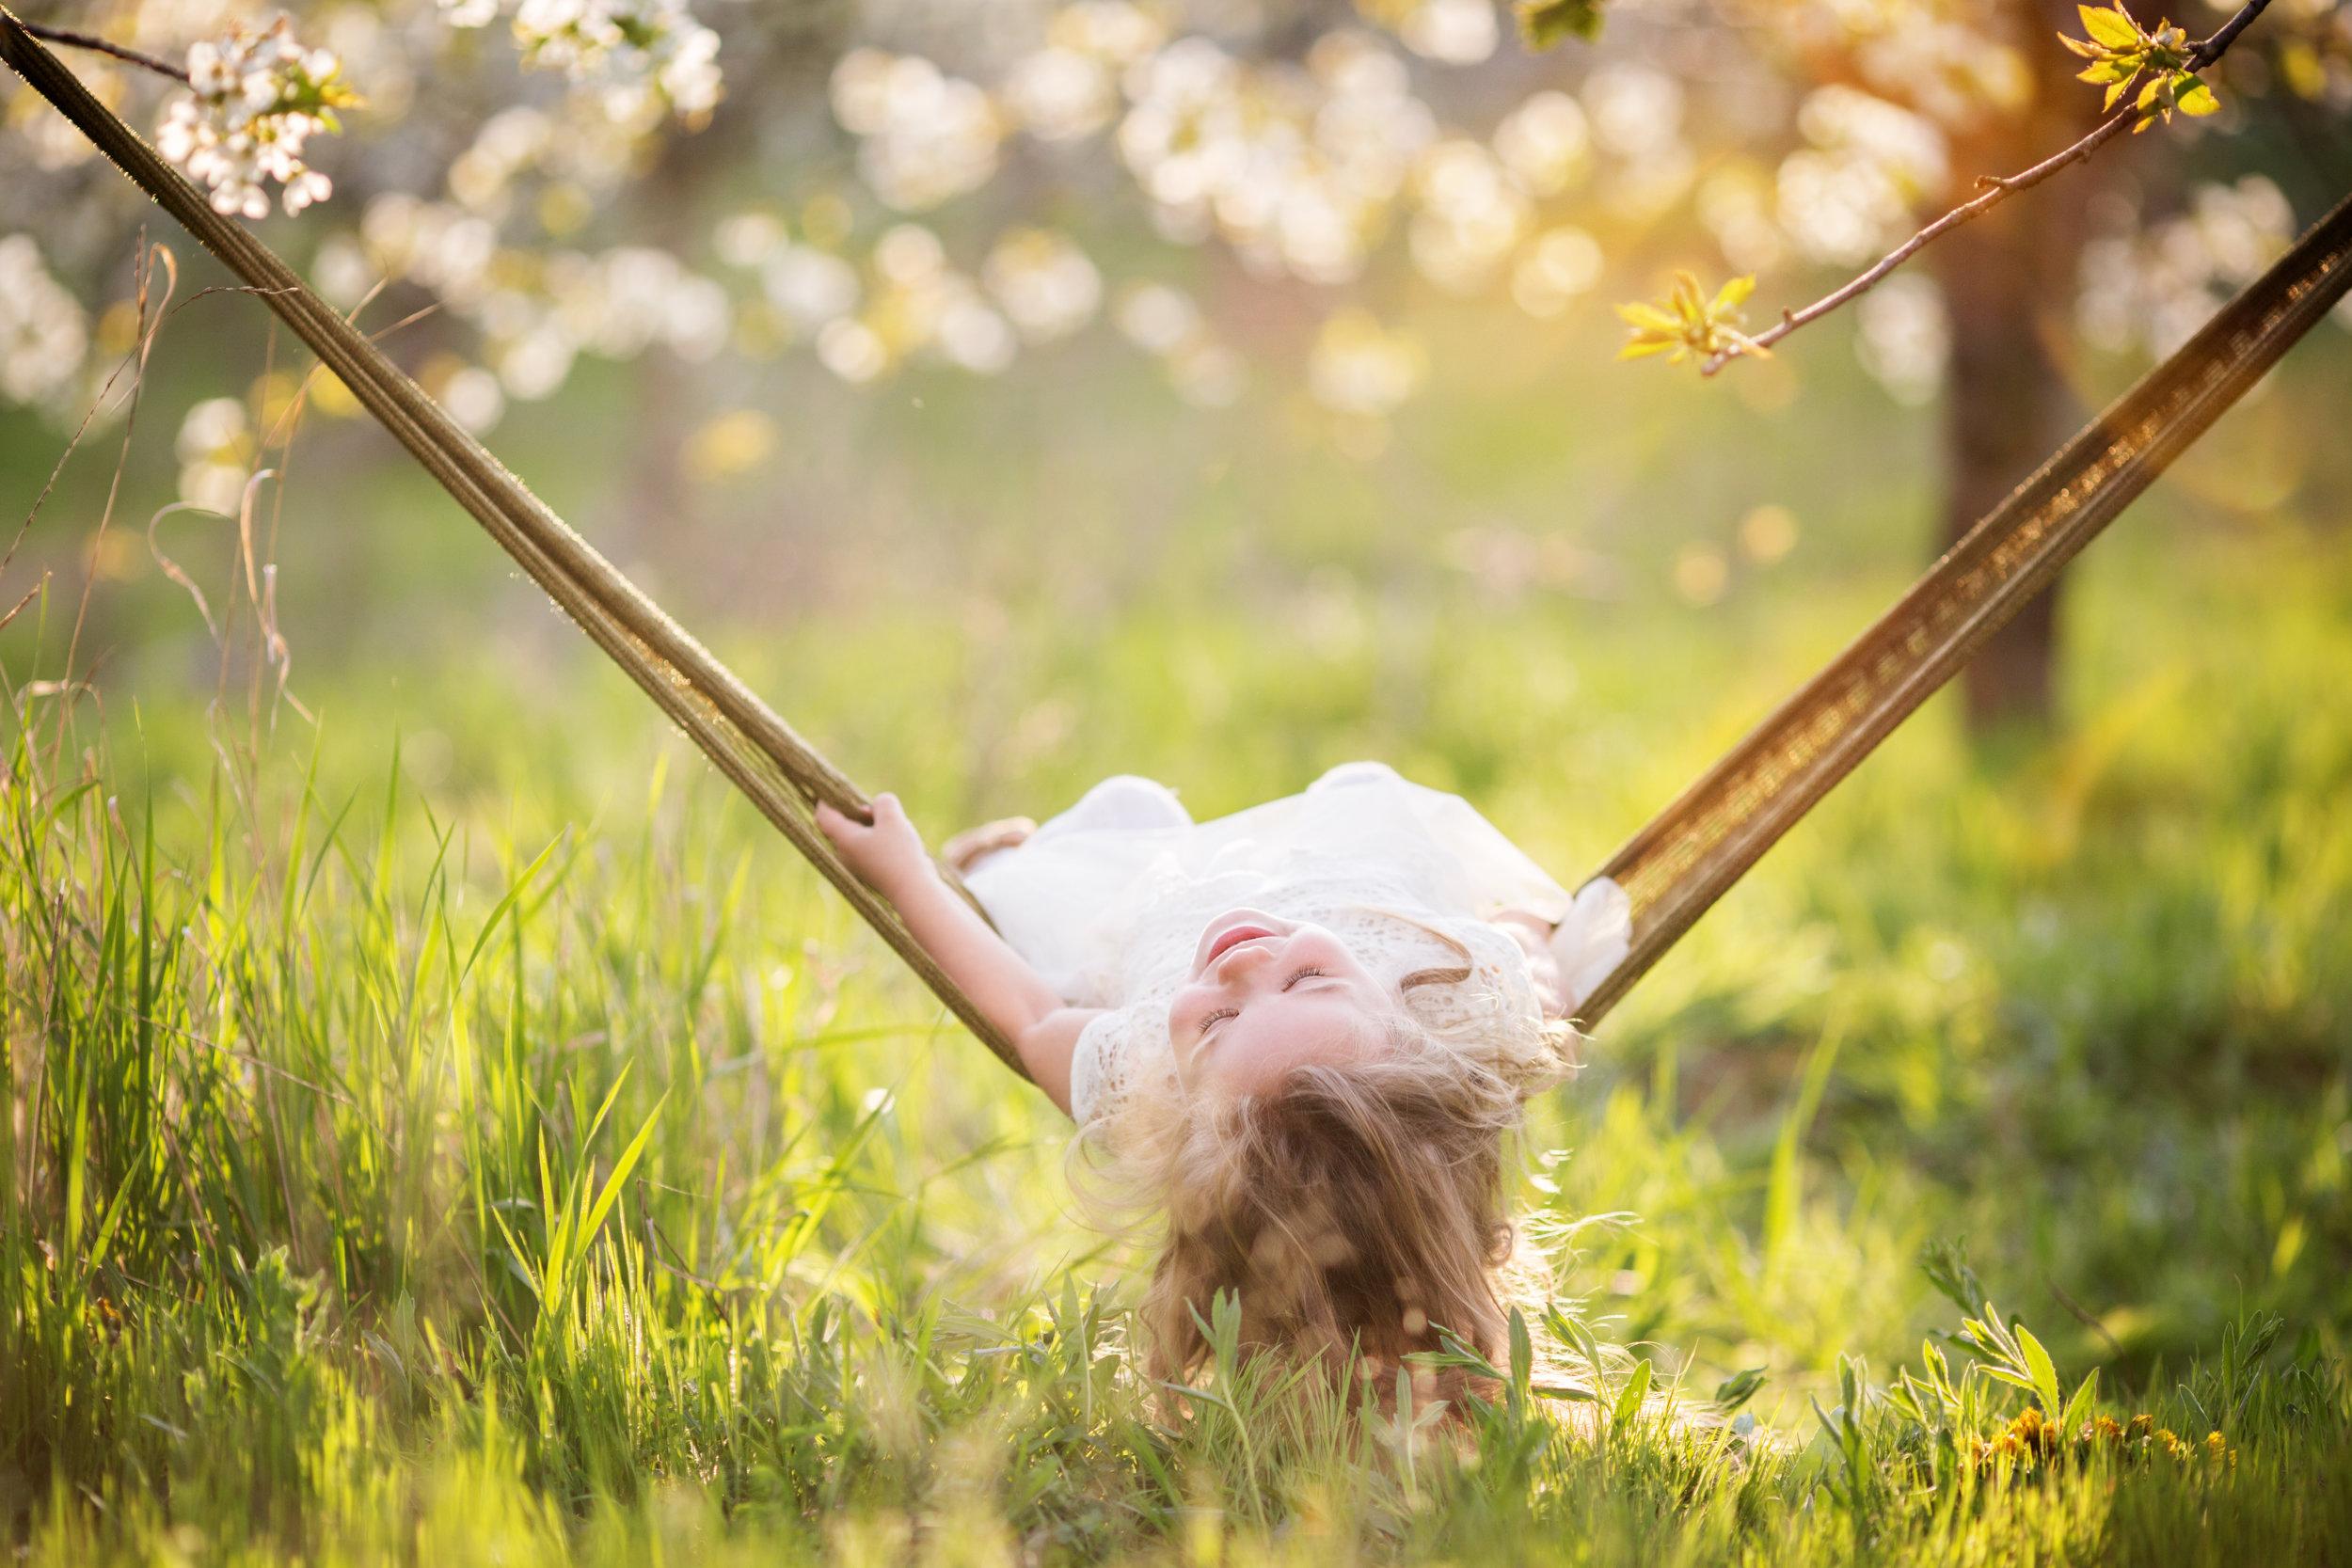 enfant-profiter-été-congé-vacances-maison-relaxer-flaner-ennui-liberté